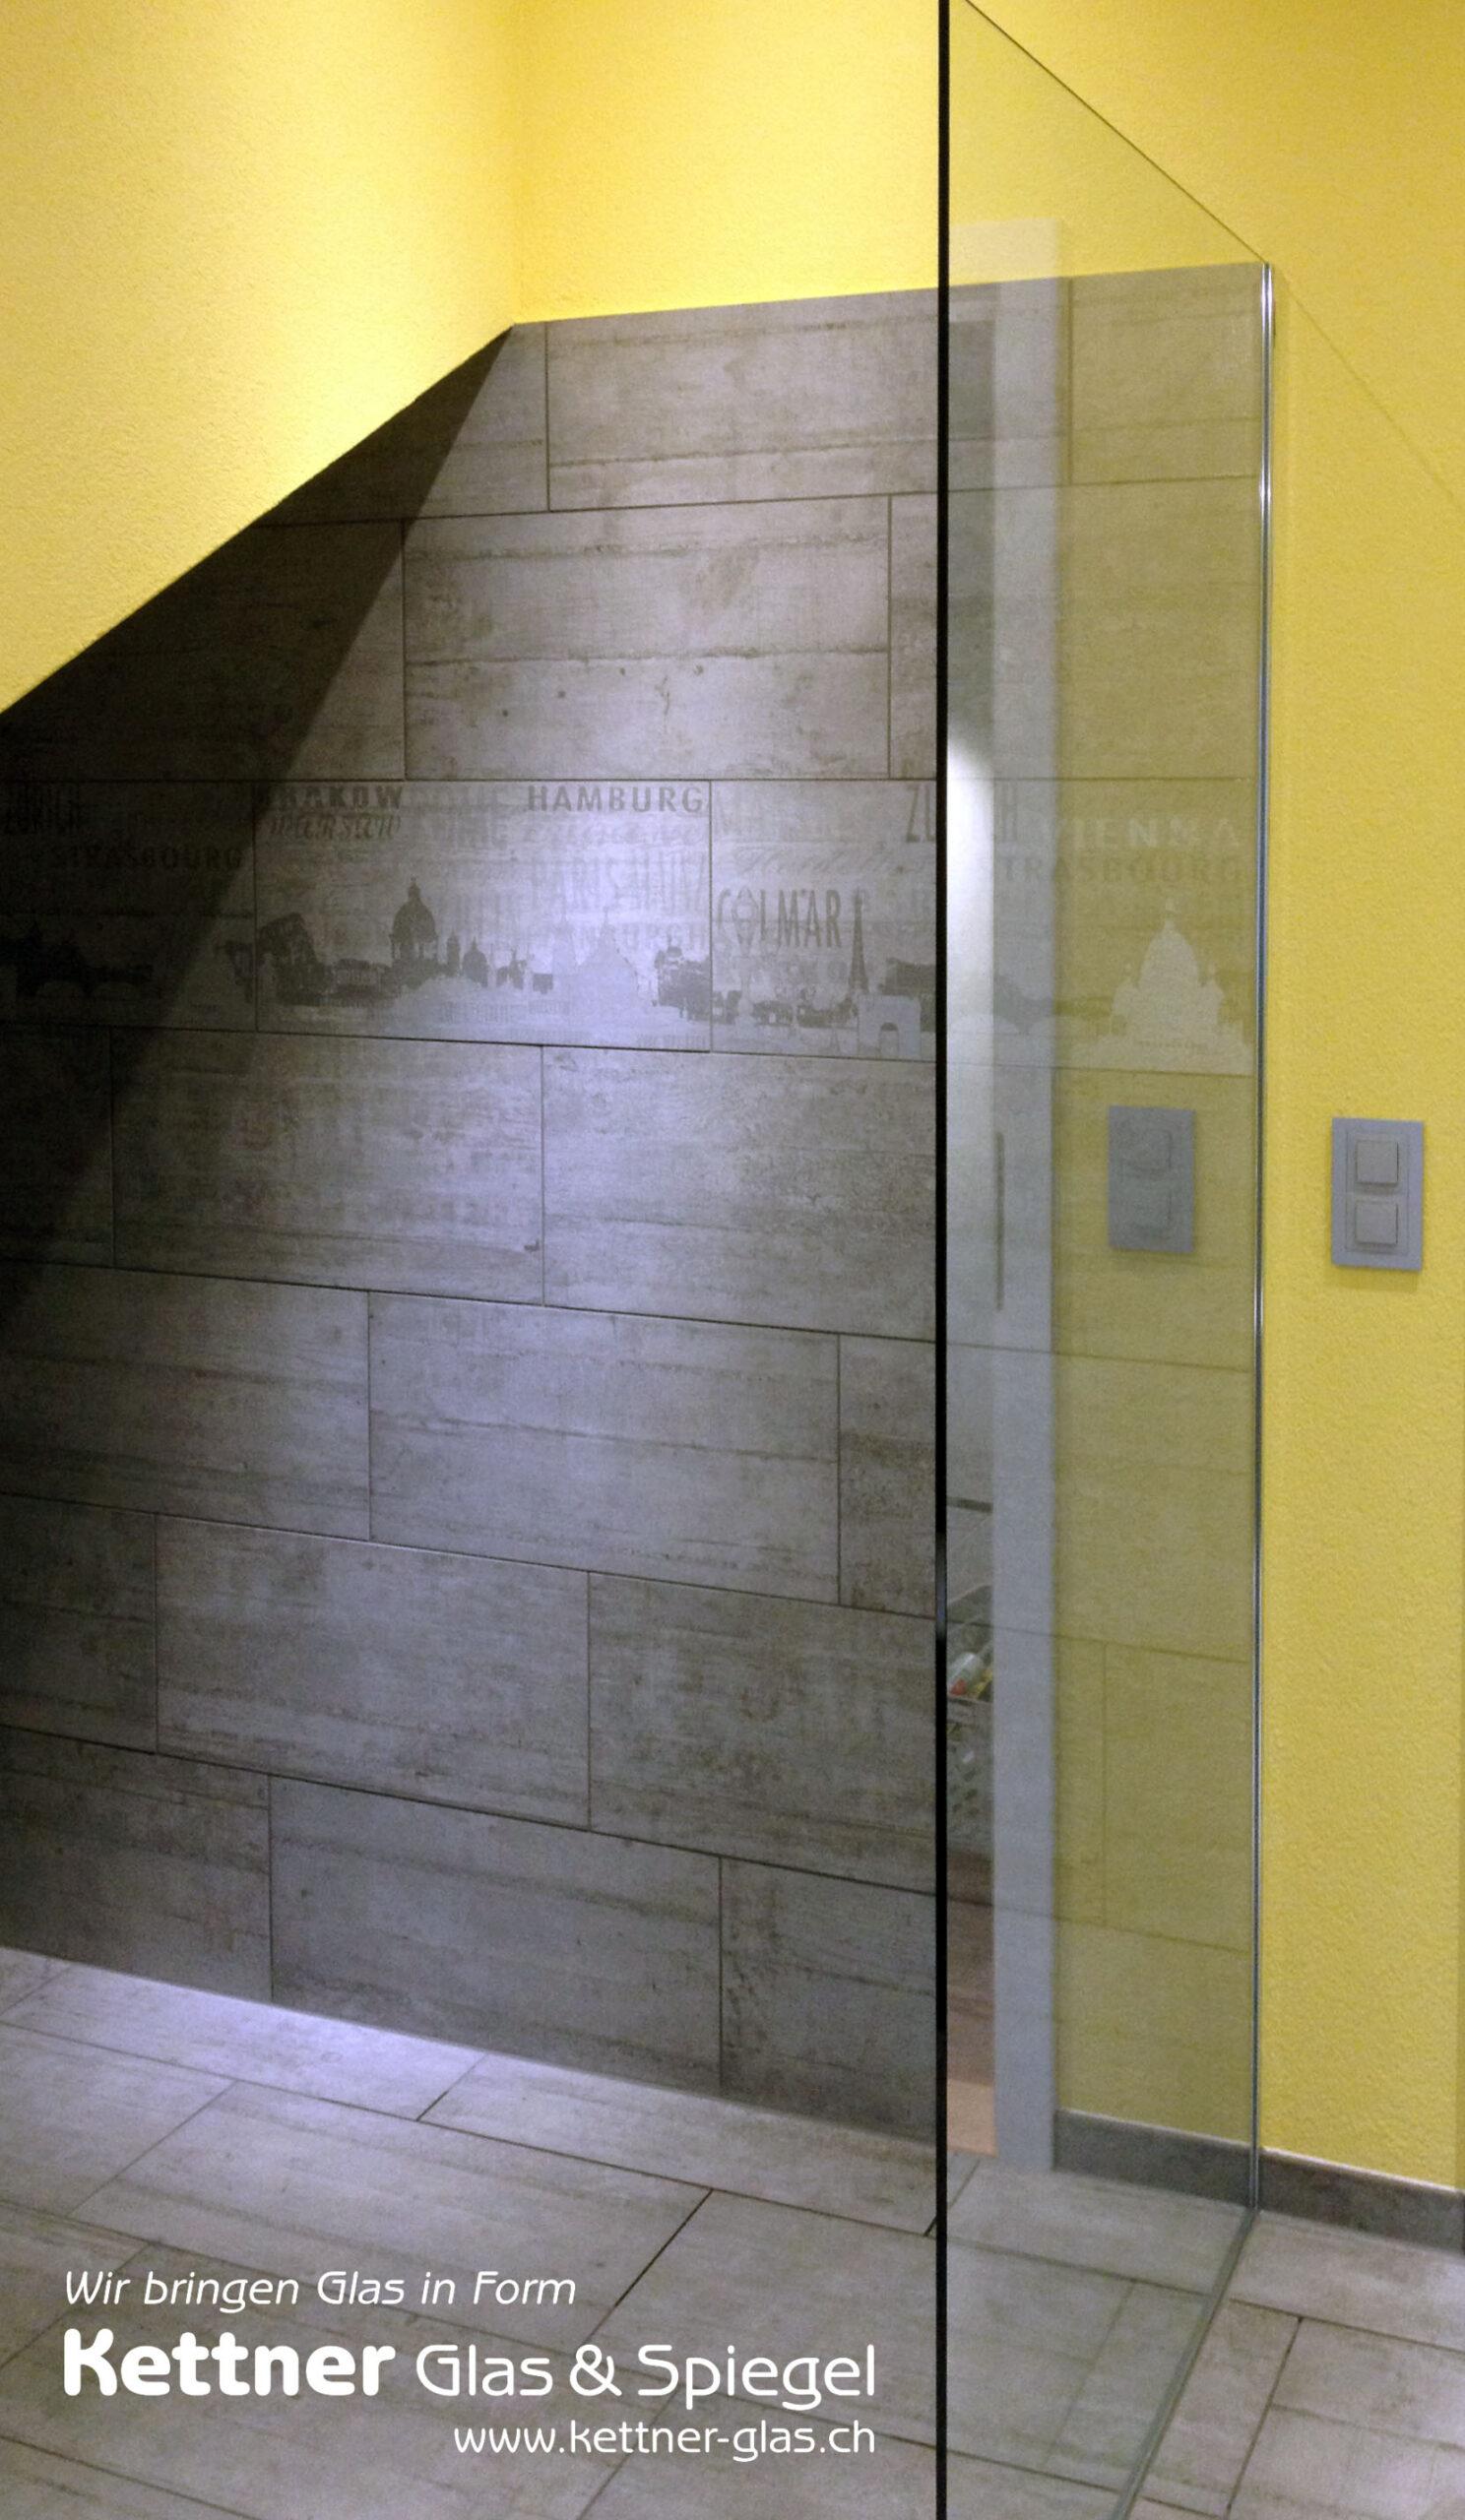 Full Size of Glastrennwnde Duschtrennwnde Aus Klarglas Auch Showerguard Glas Wandtattoos Schlafzimmer Anbauwand Wohnzimmer Wandbelag Küche Dusche Unterputz Armatur Dusche Dusche Wand